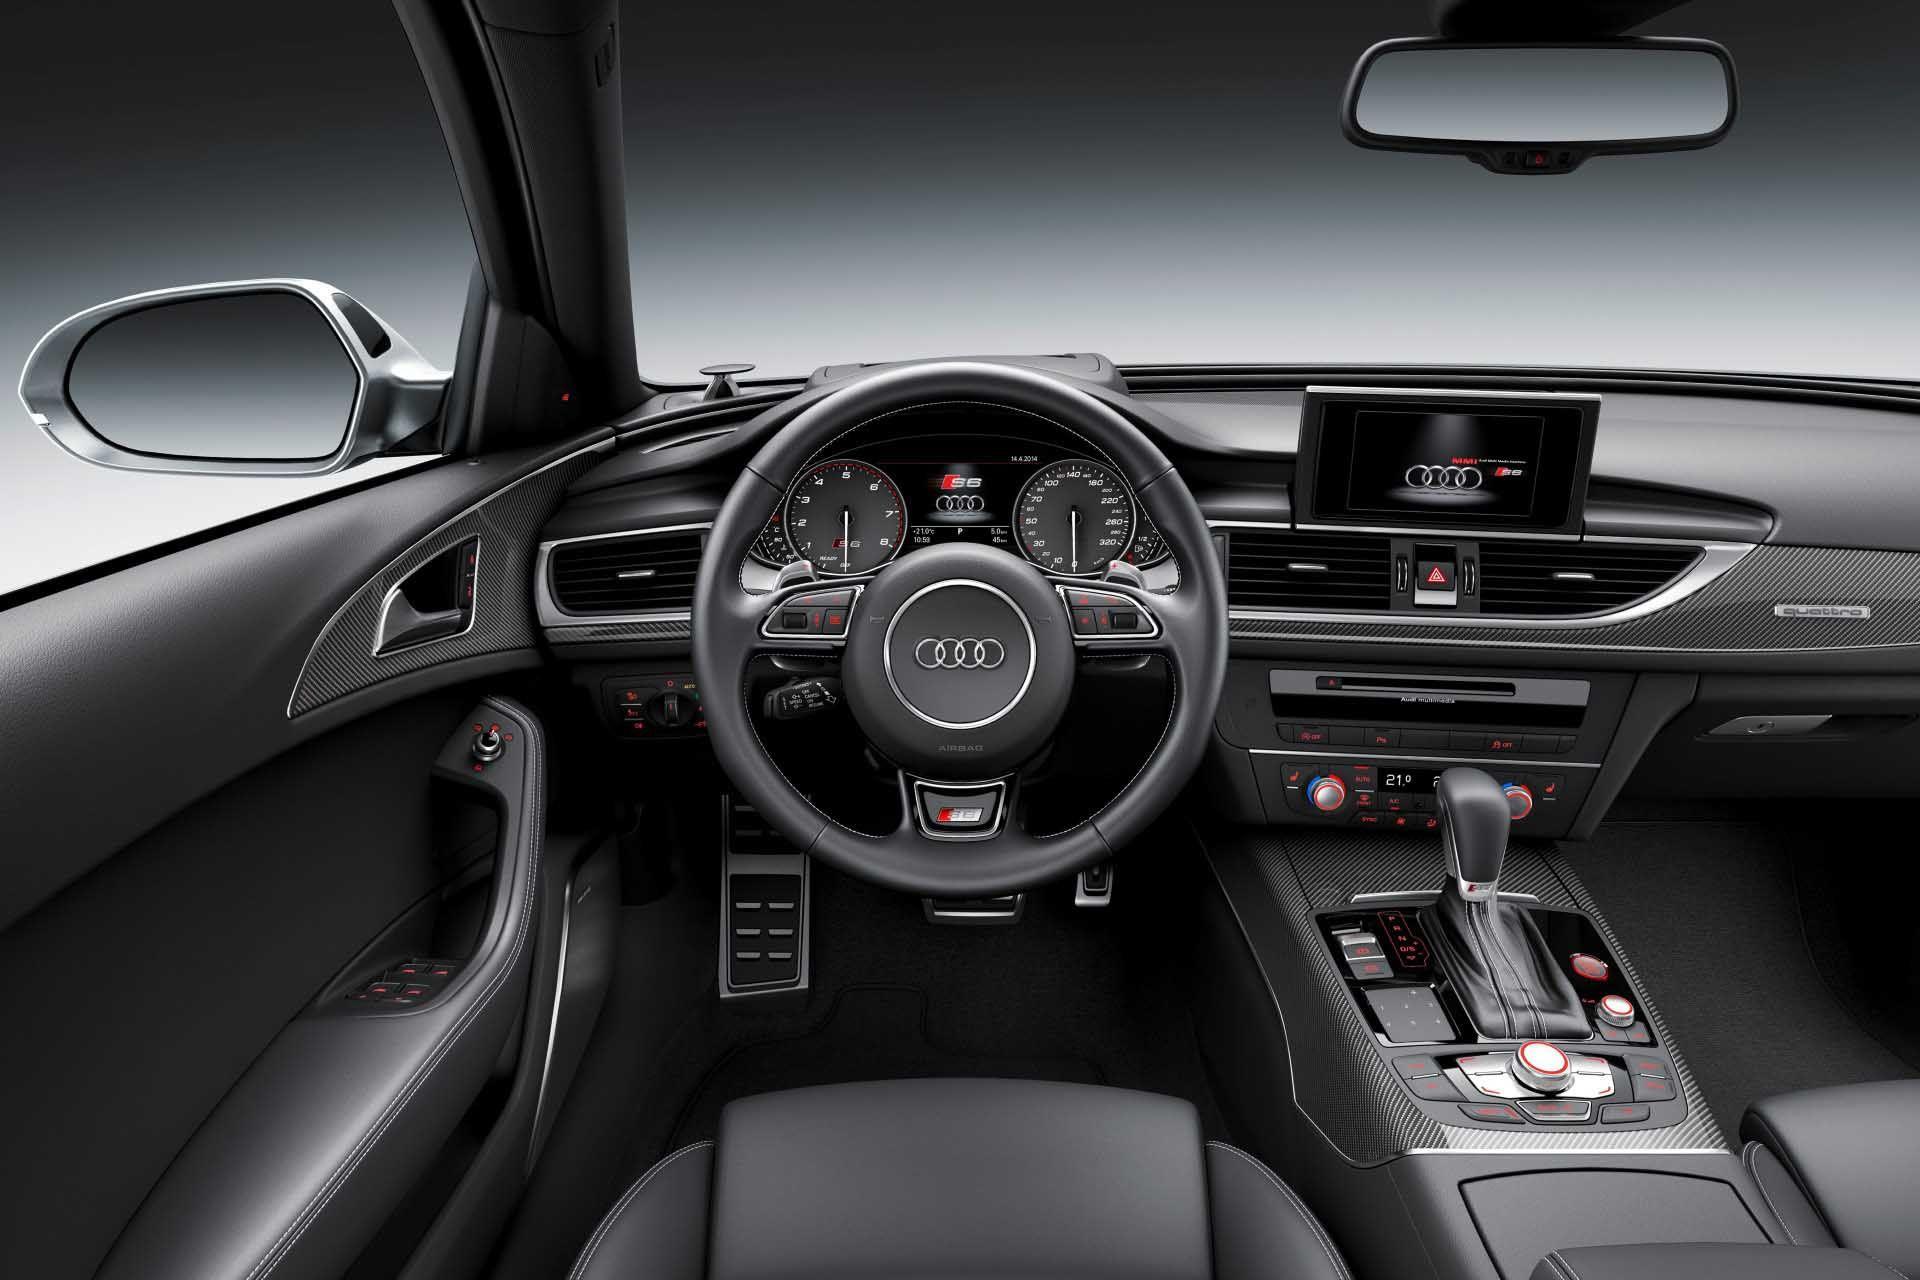 10 Stunning 2016 Audi S6 Interior Full Hd Wallpaper